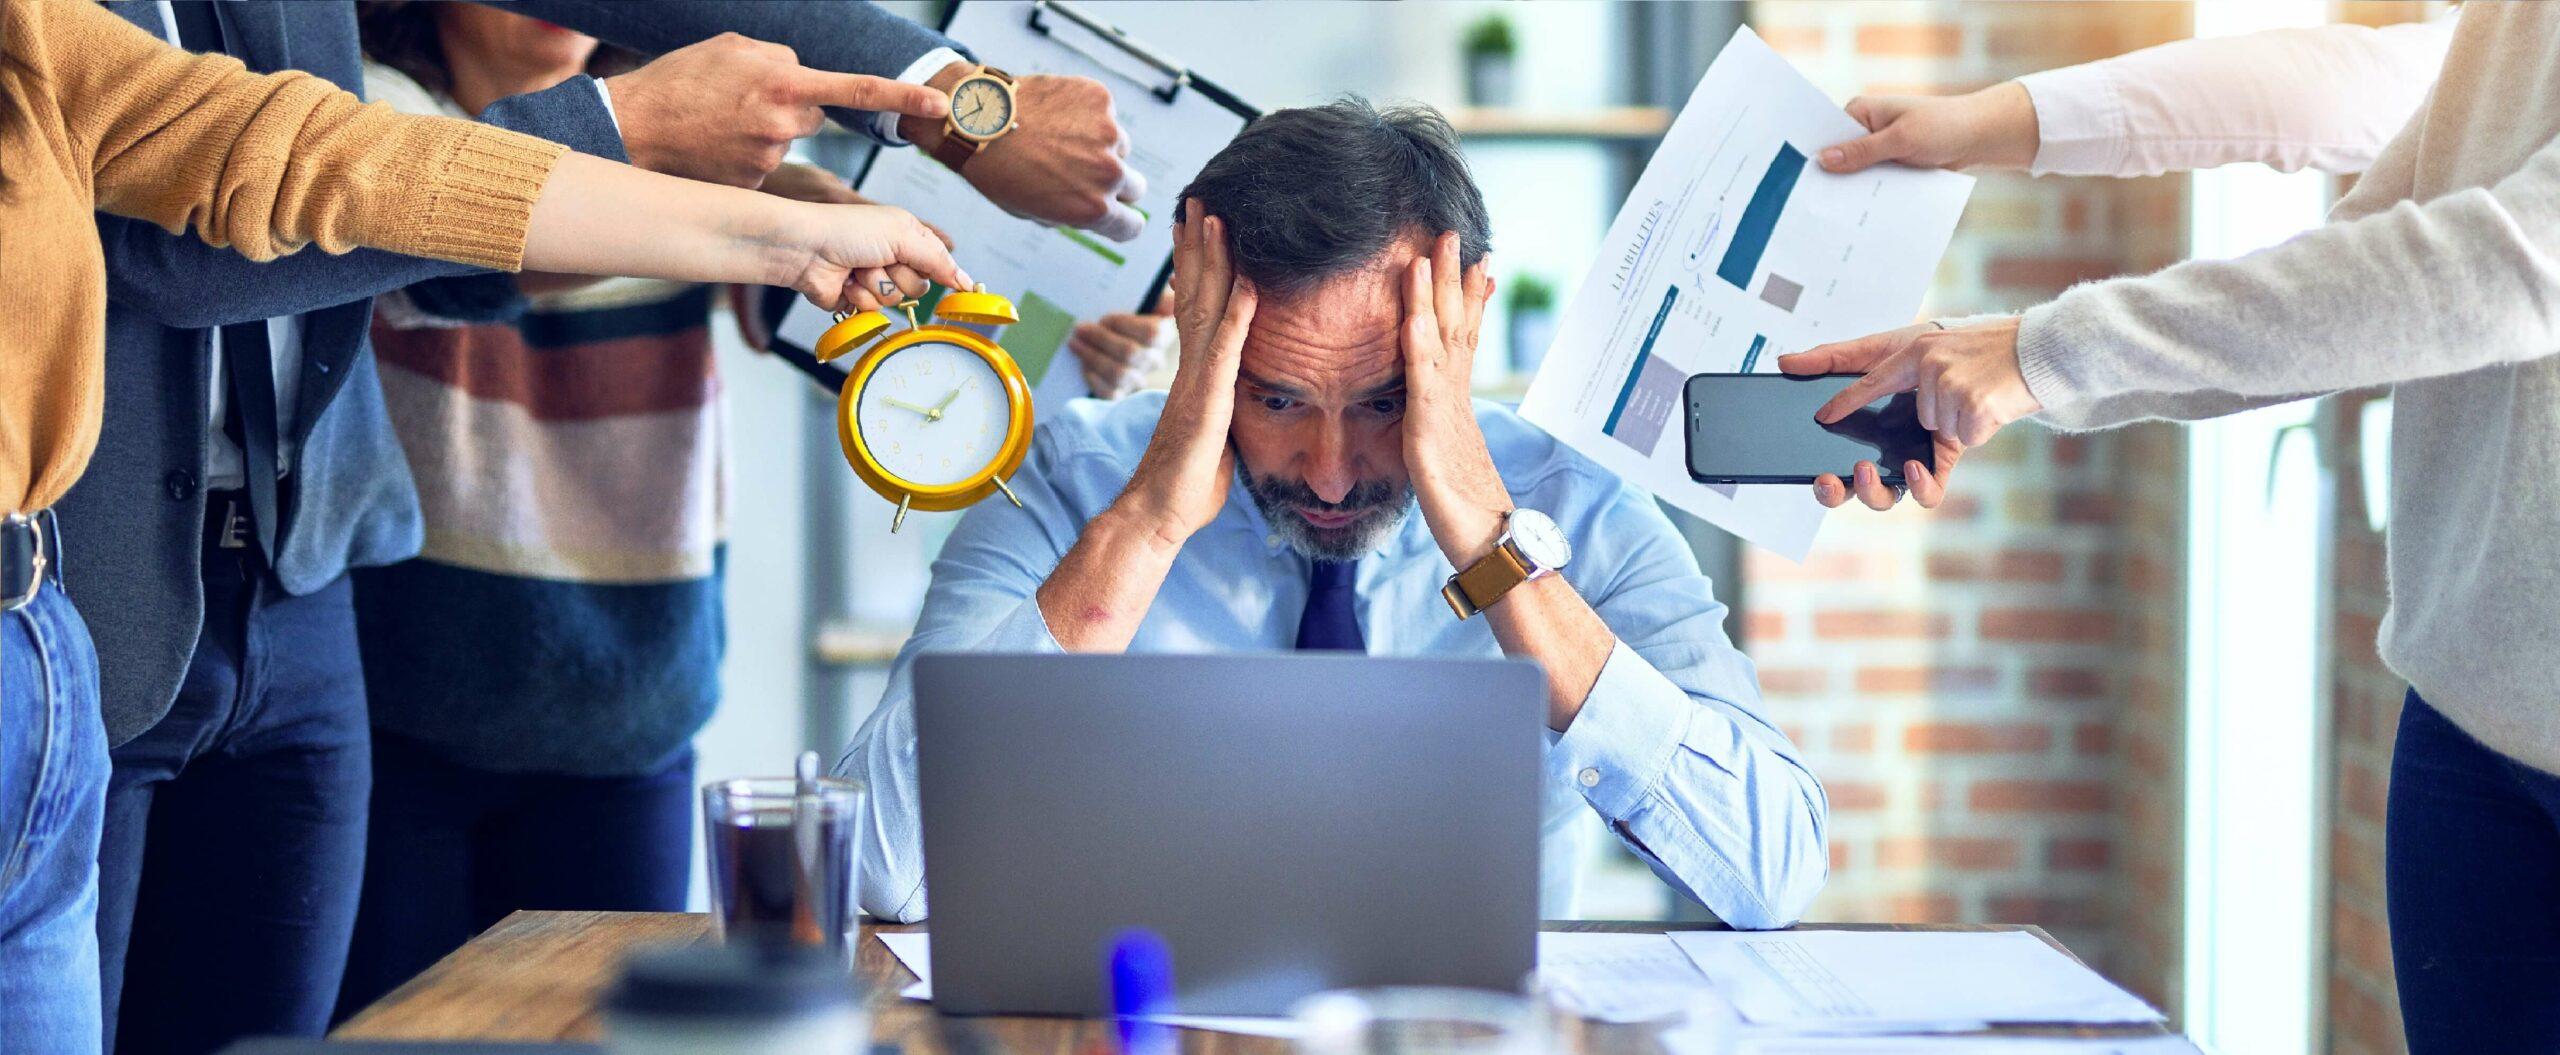 Zeitmanagement für Profis: So machst du Schluss mit Aufschieberitis!